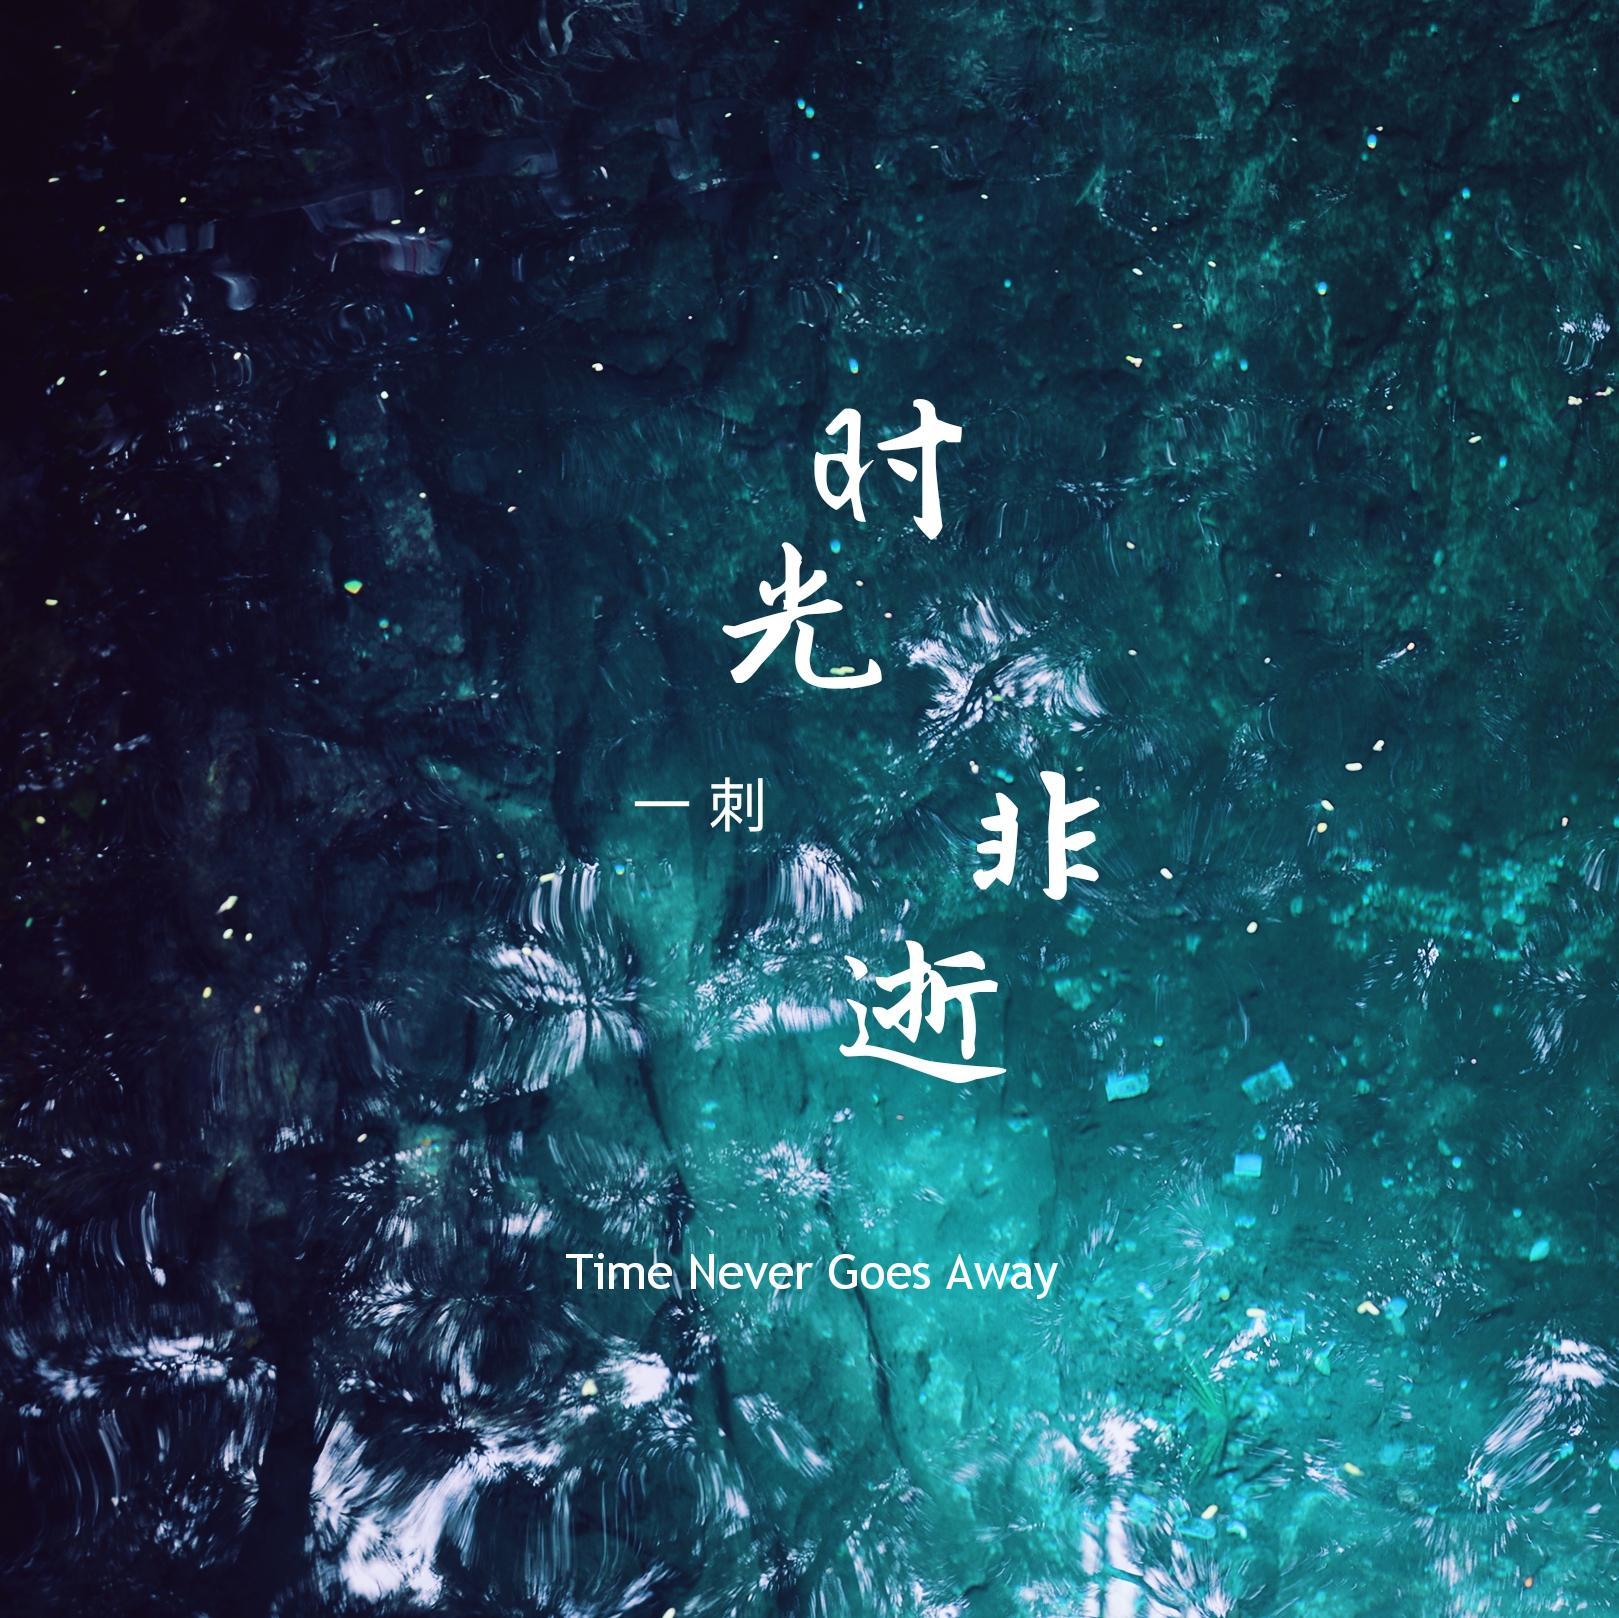 光年之外-钢琴版(cover:g.e.m.邓紫棋)图片